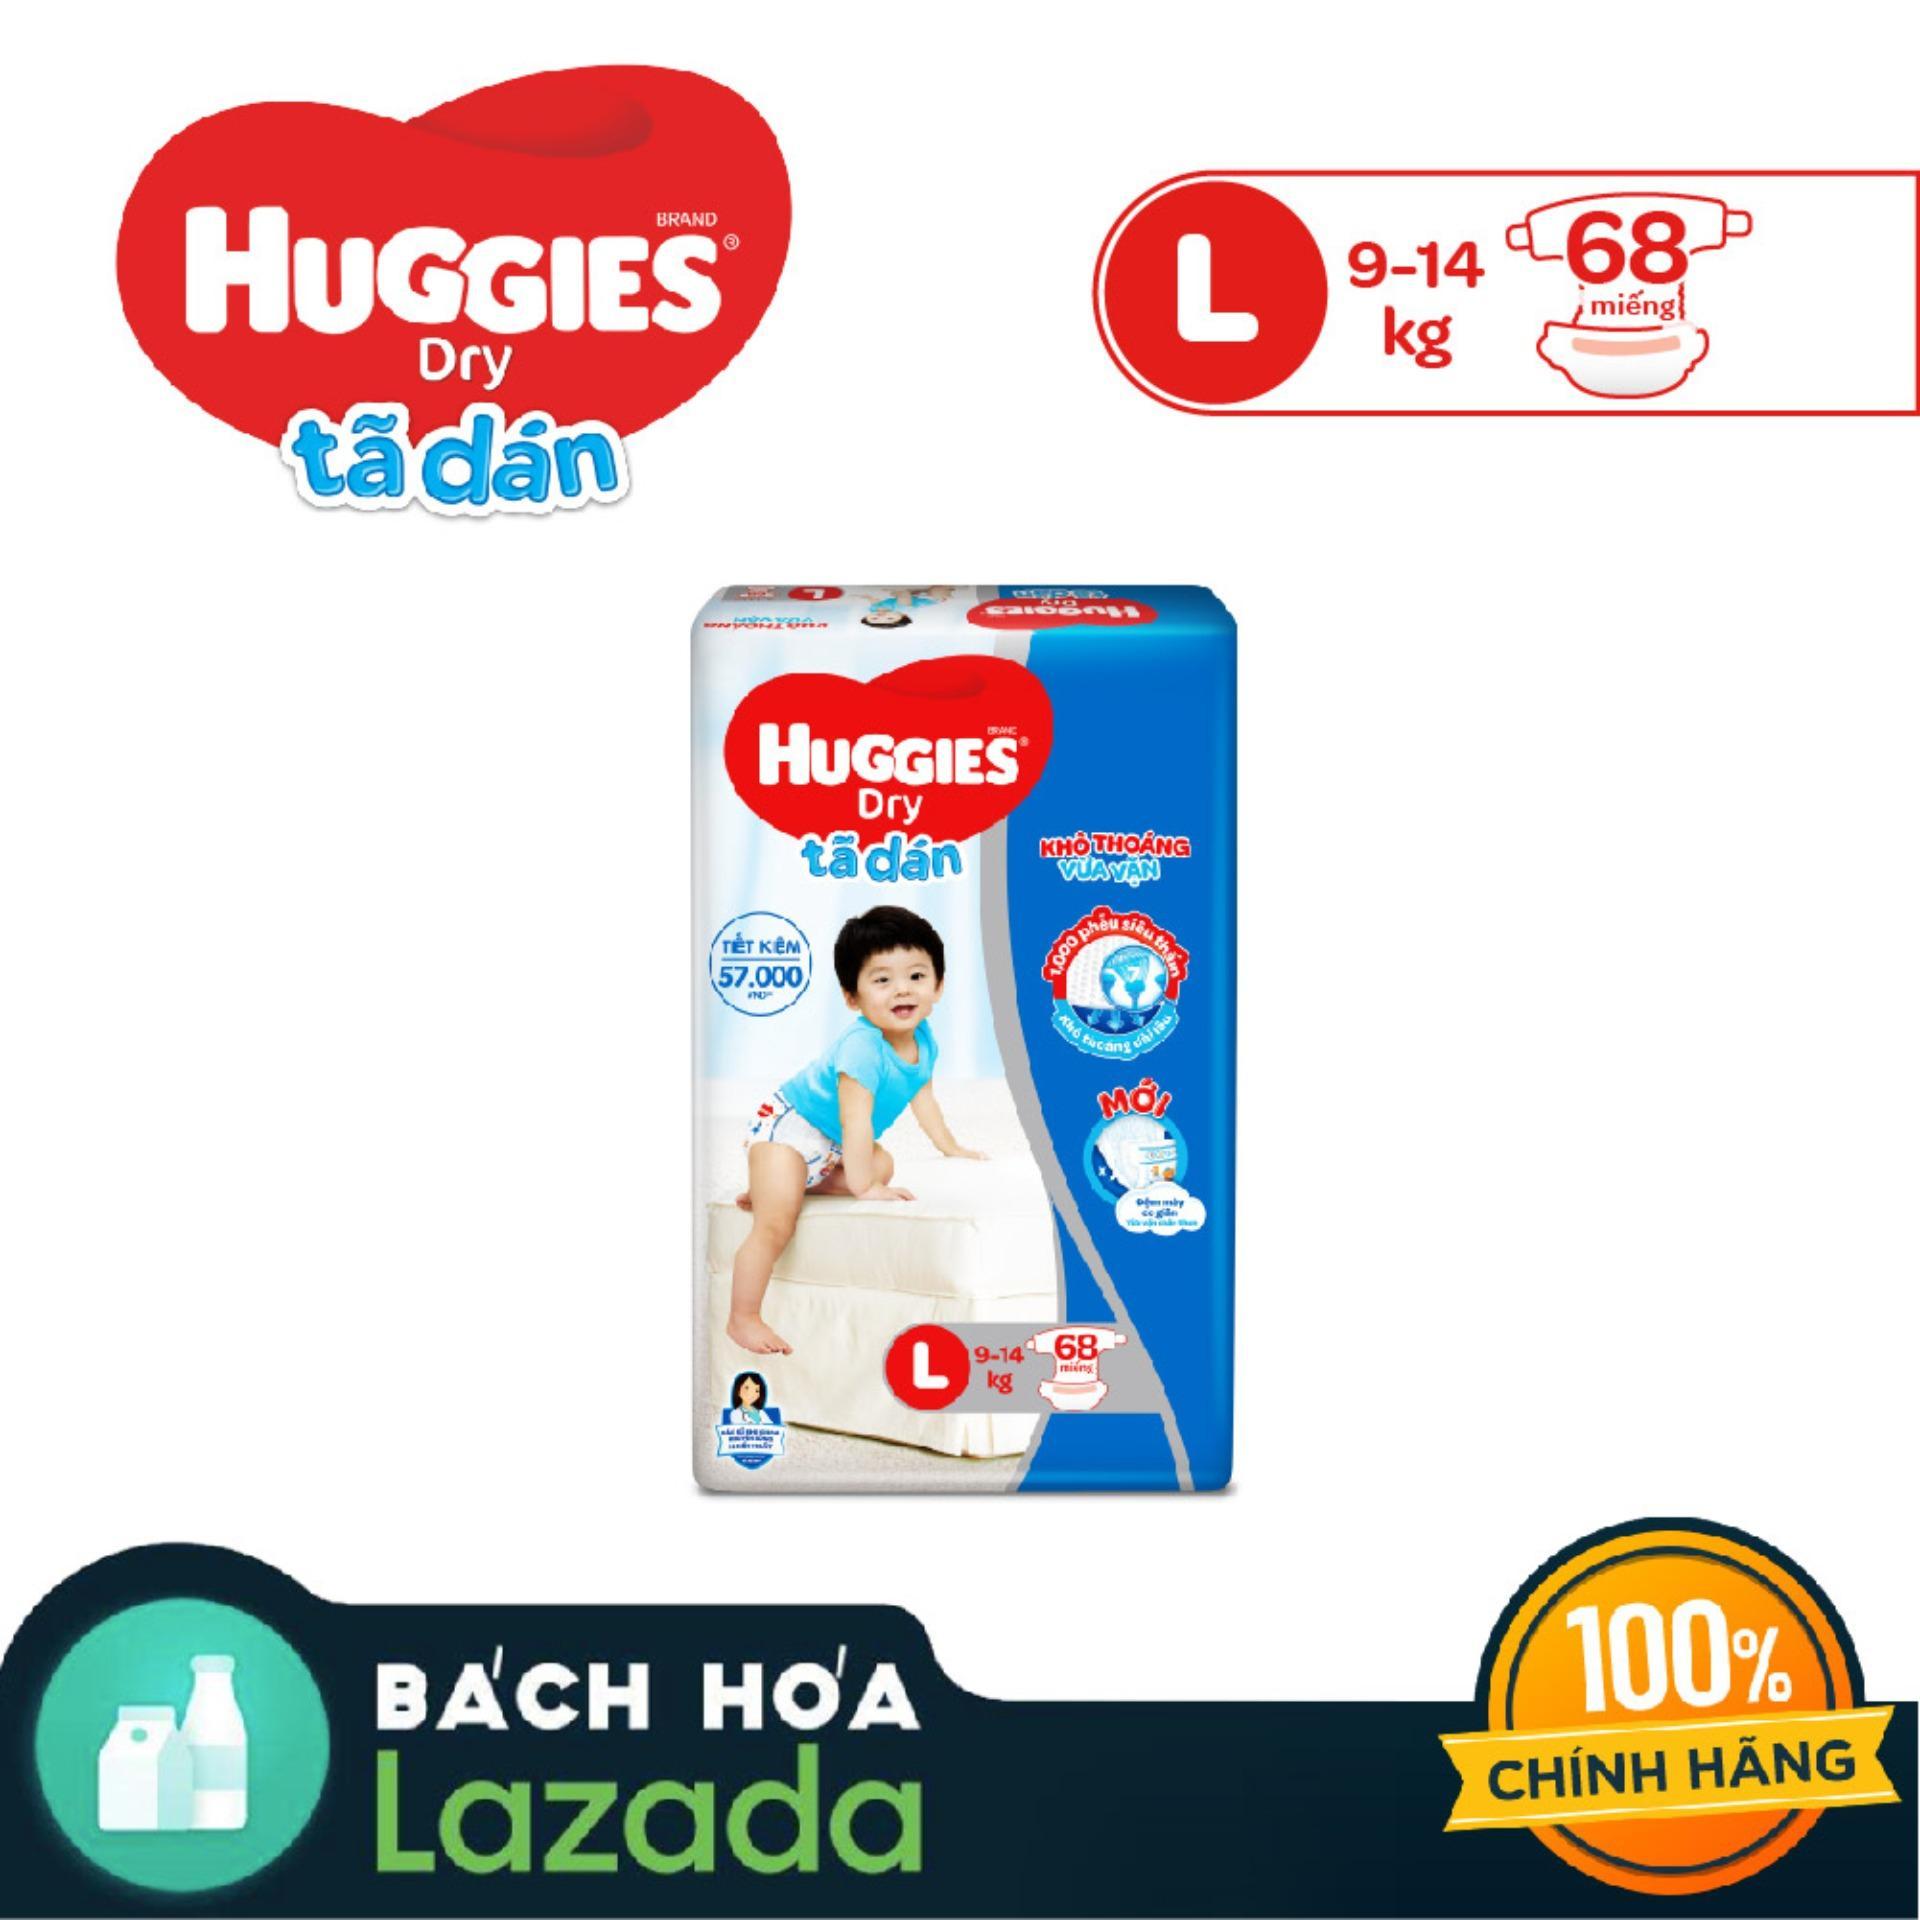 Mã Khuyến Mại Tã/bỉm Dán Huggies Dry Super Jumbo L68 (Đệm Mây Co Giãn) - Gói 68 Miếng (Cho Bé 9kg - 14kg) - Cam Kết HSD Còn ít Nhất 10 Tháng